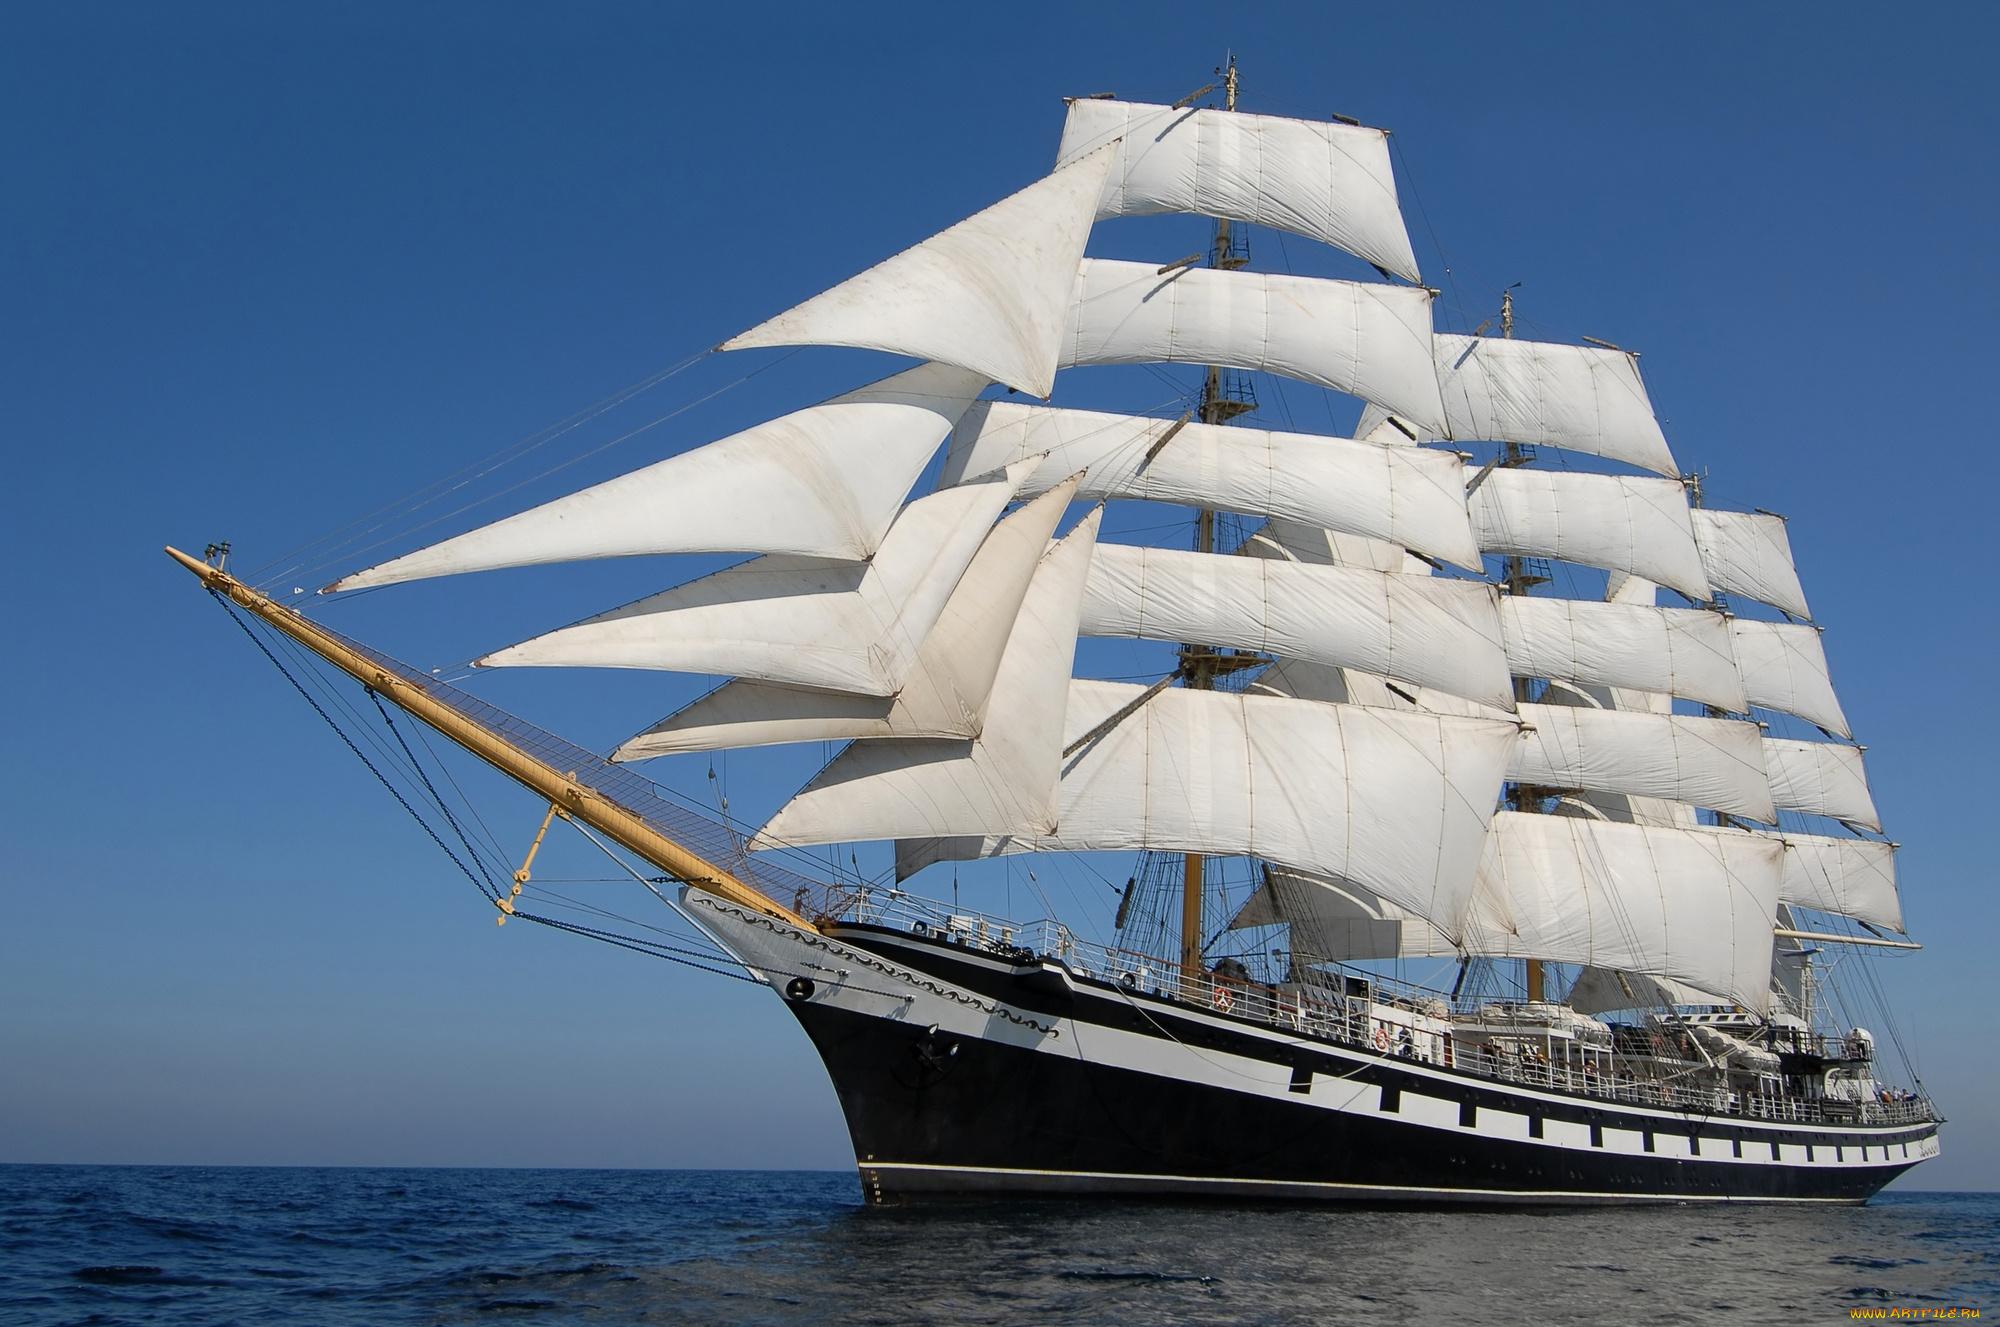 Марта, открытки с видами кораблей